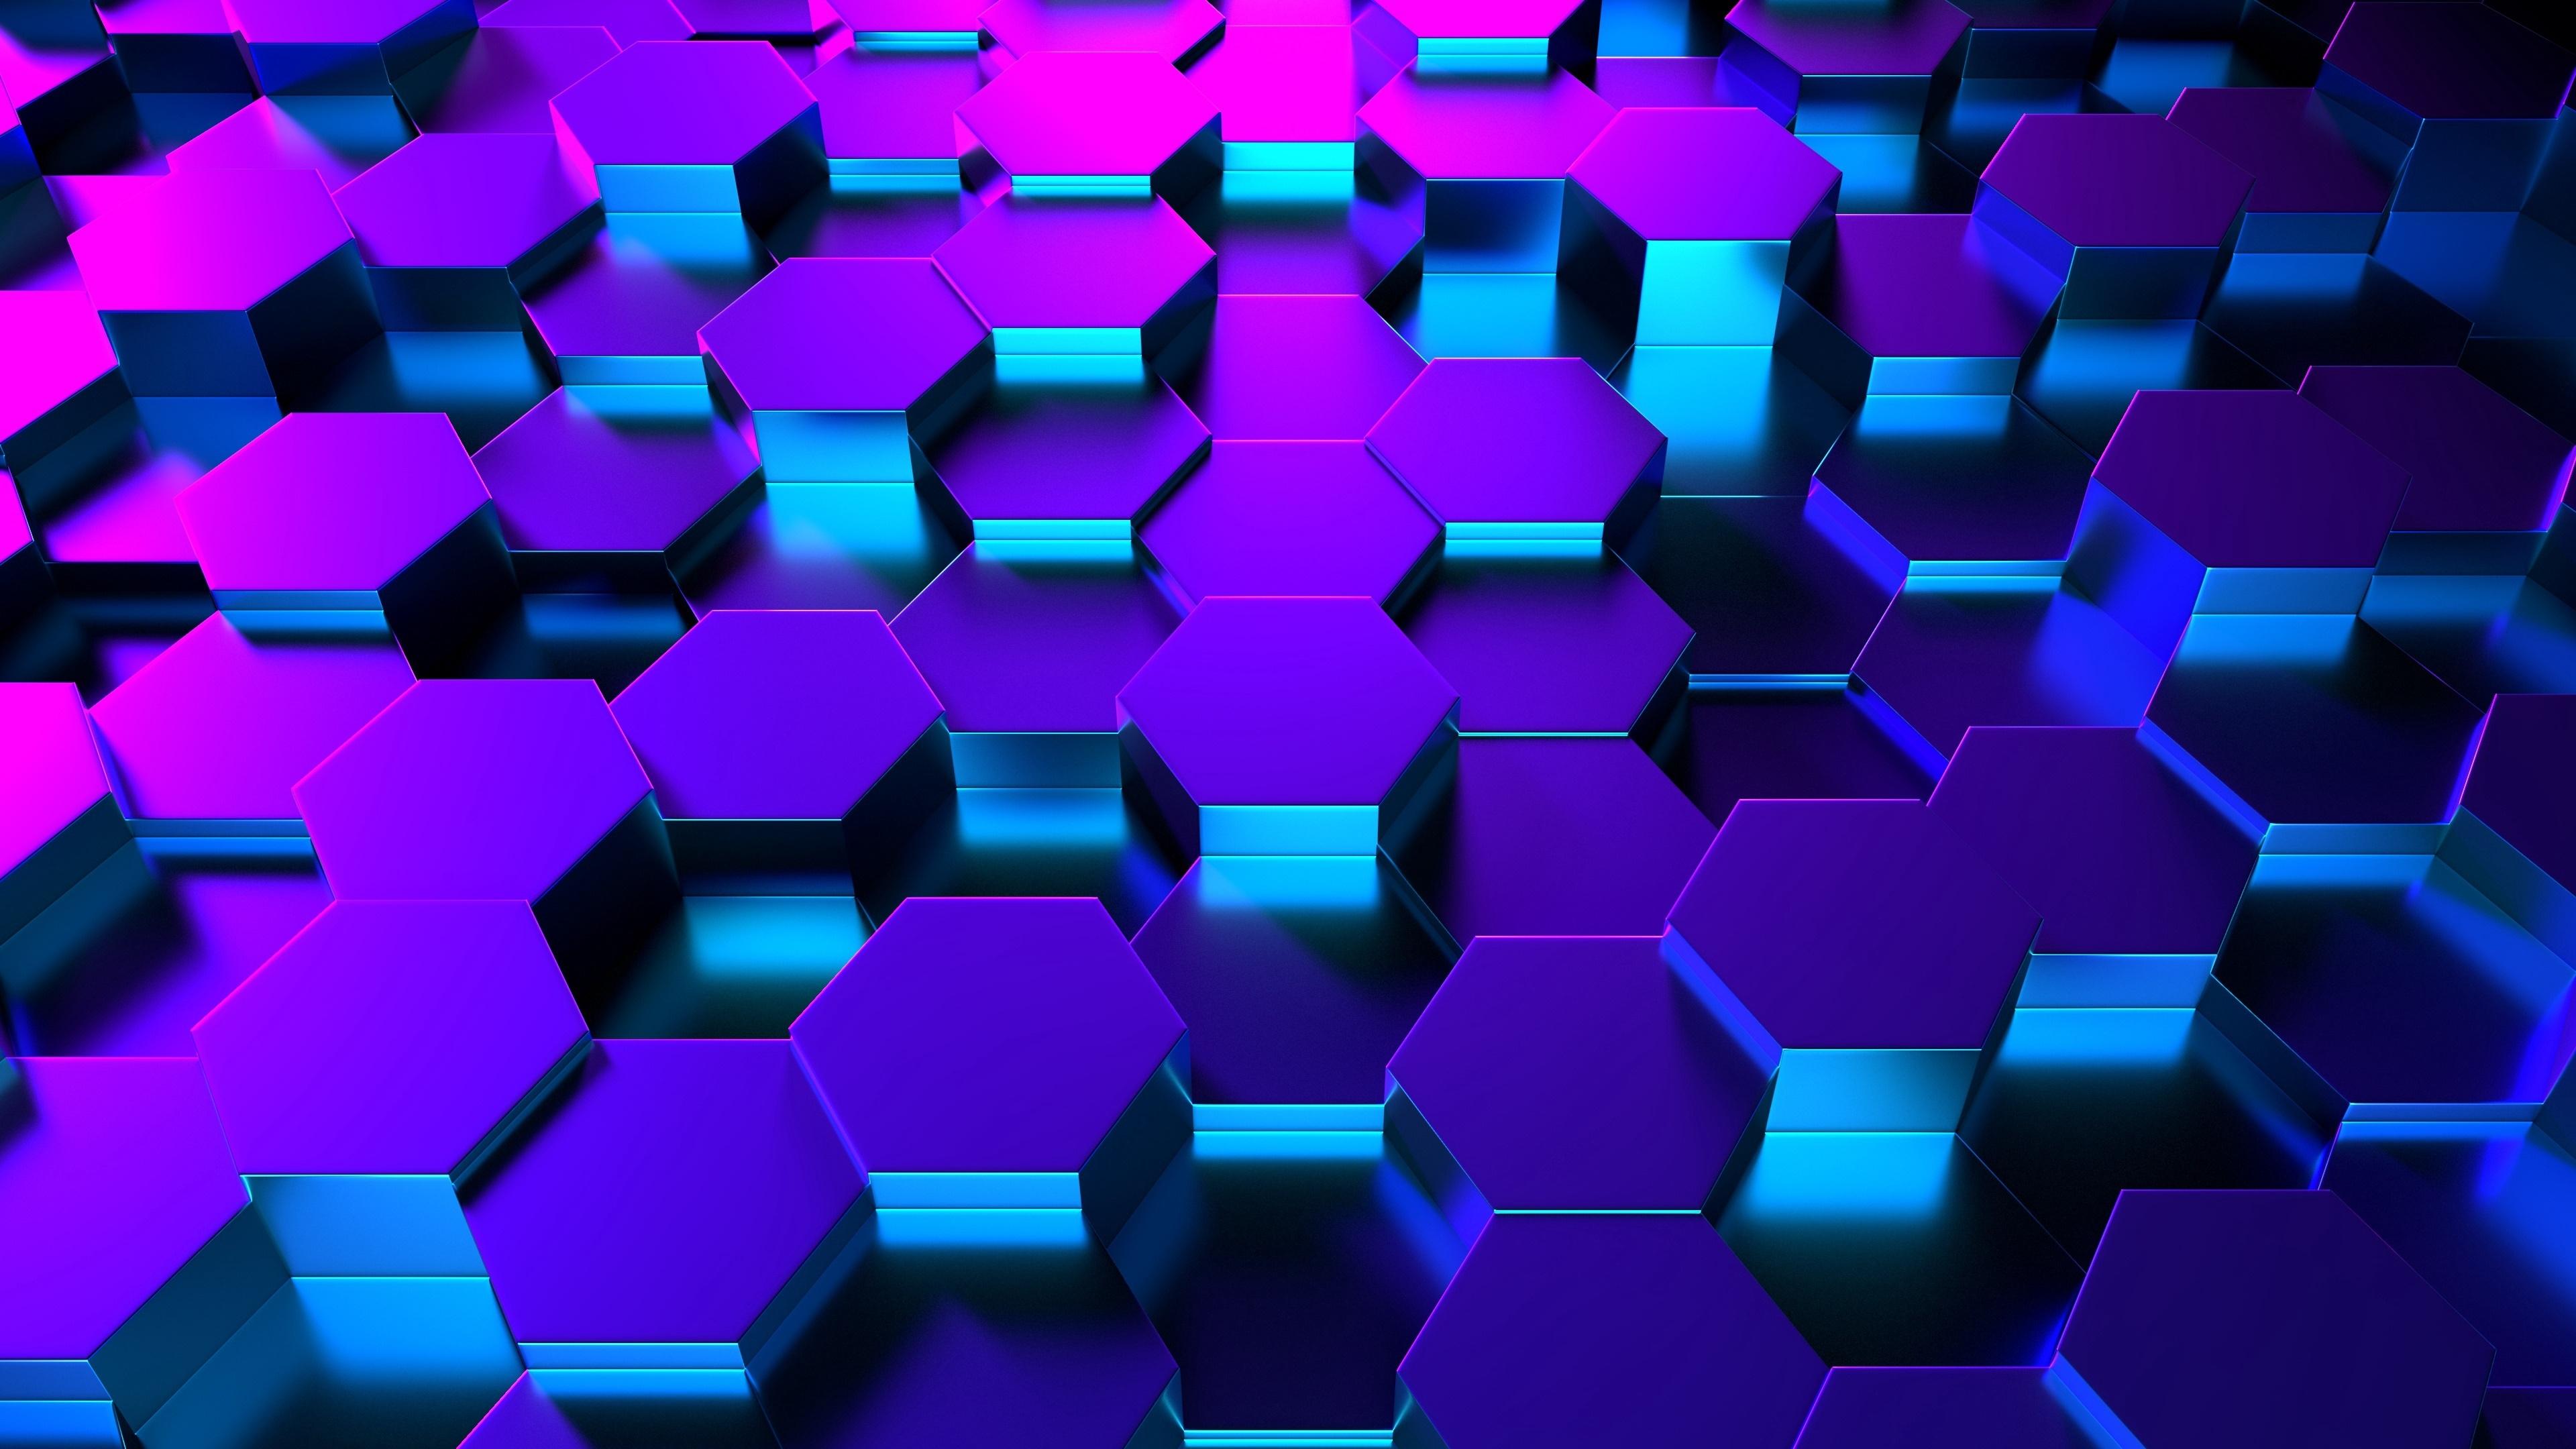 Blue 3D Hexagons 4K UltraHD wallpaper - backiee